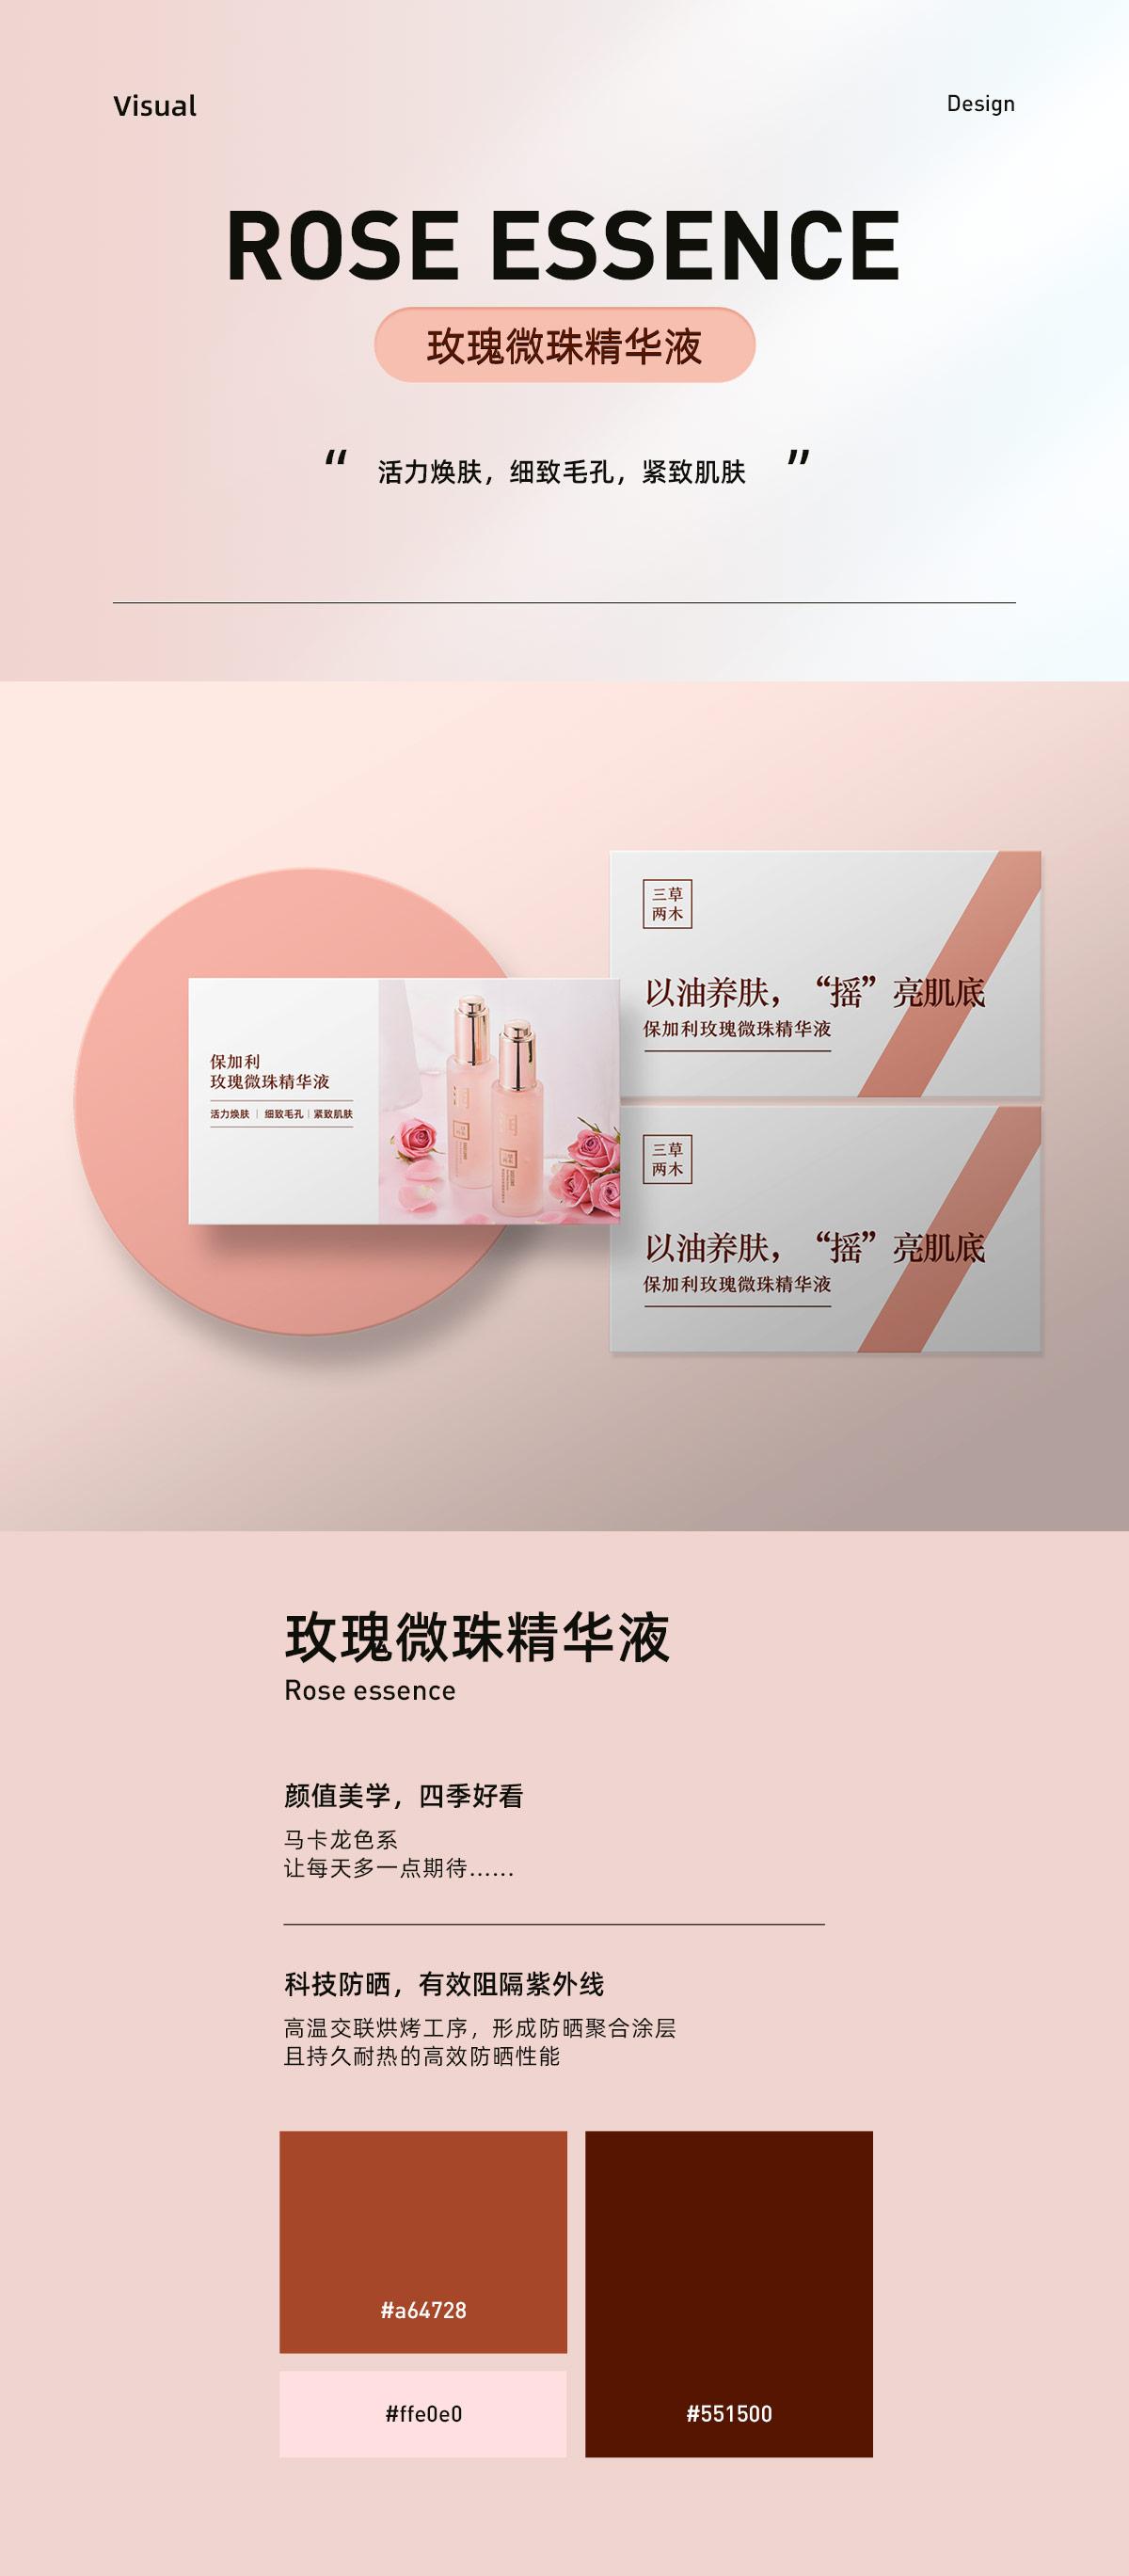 武汉电商设计 玫瑰精华液 美妆护肤 详情设计 视觉优化